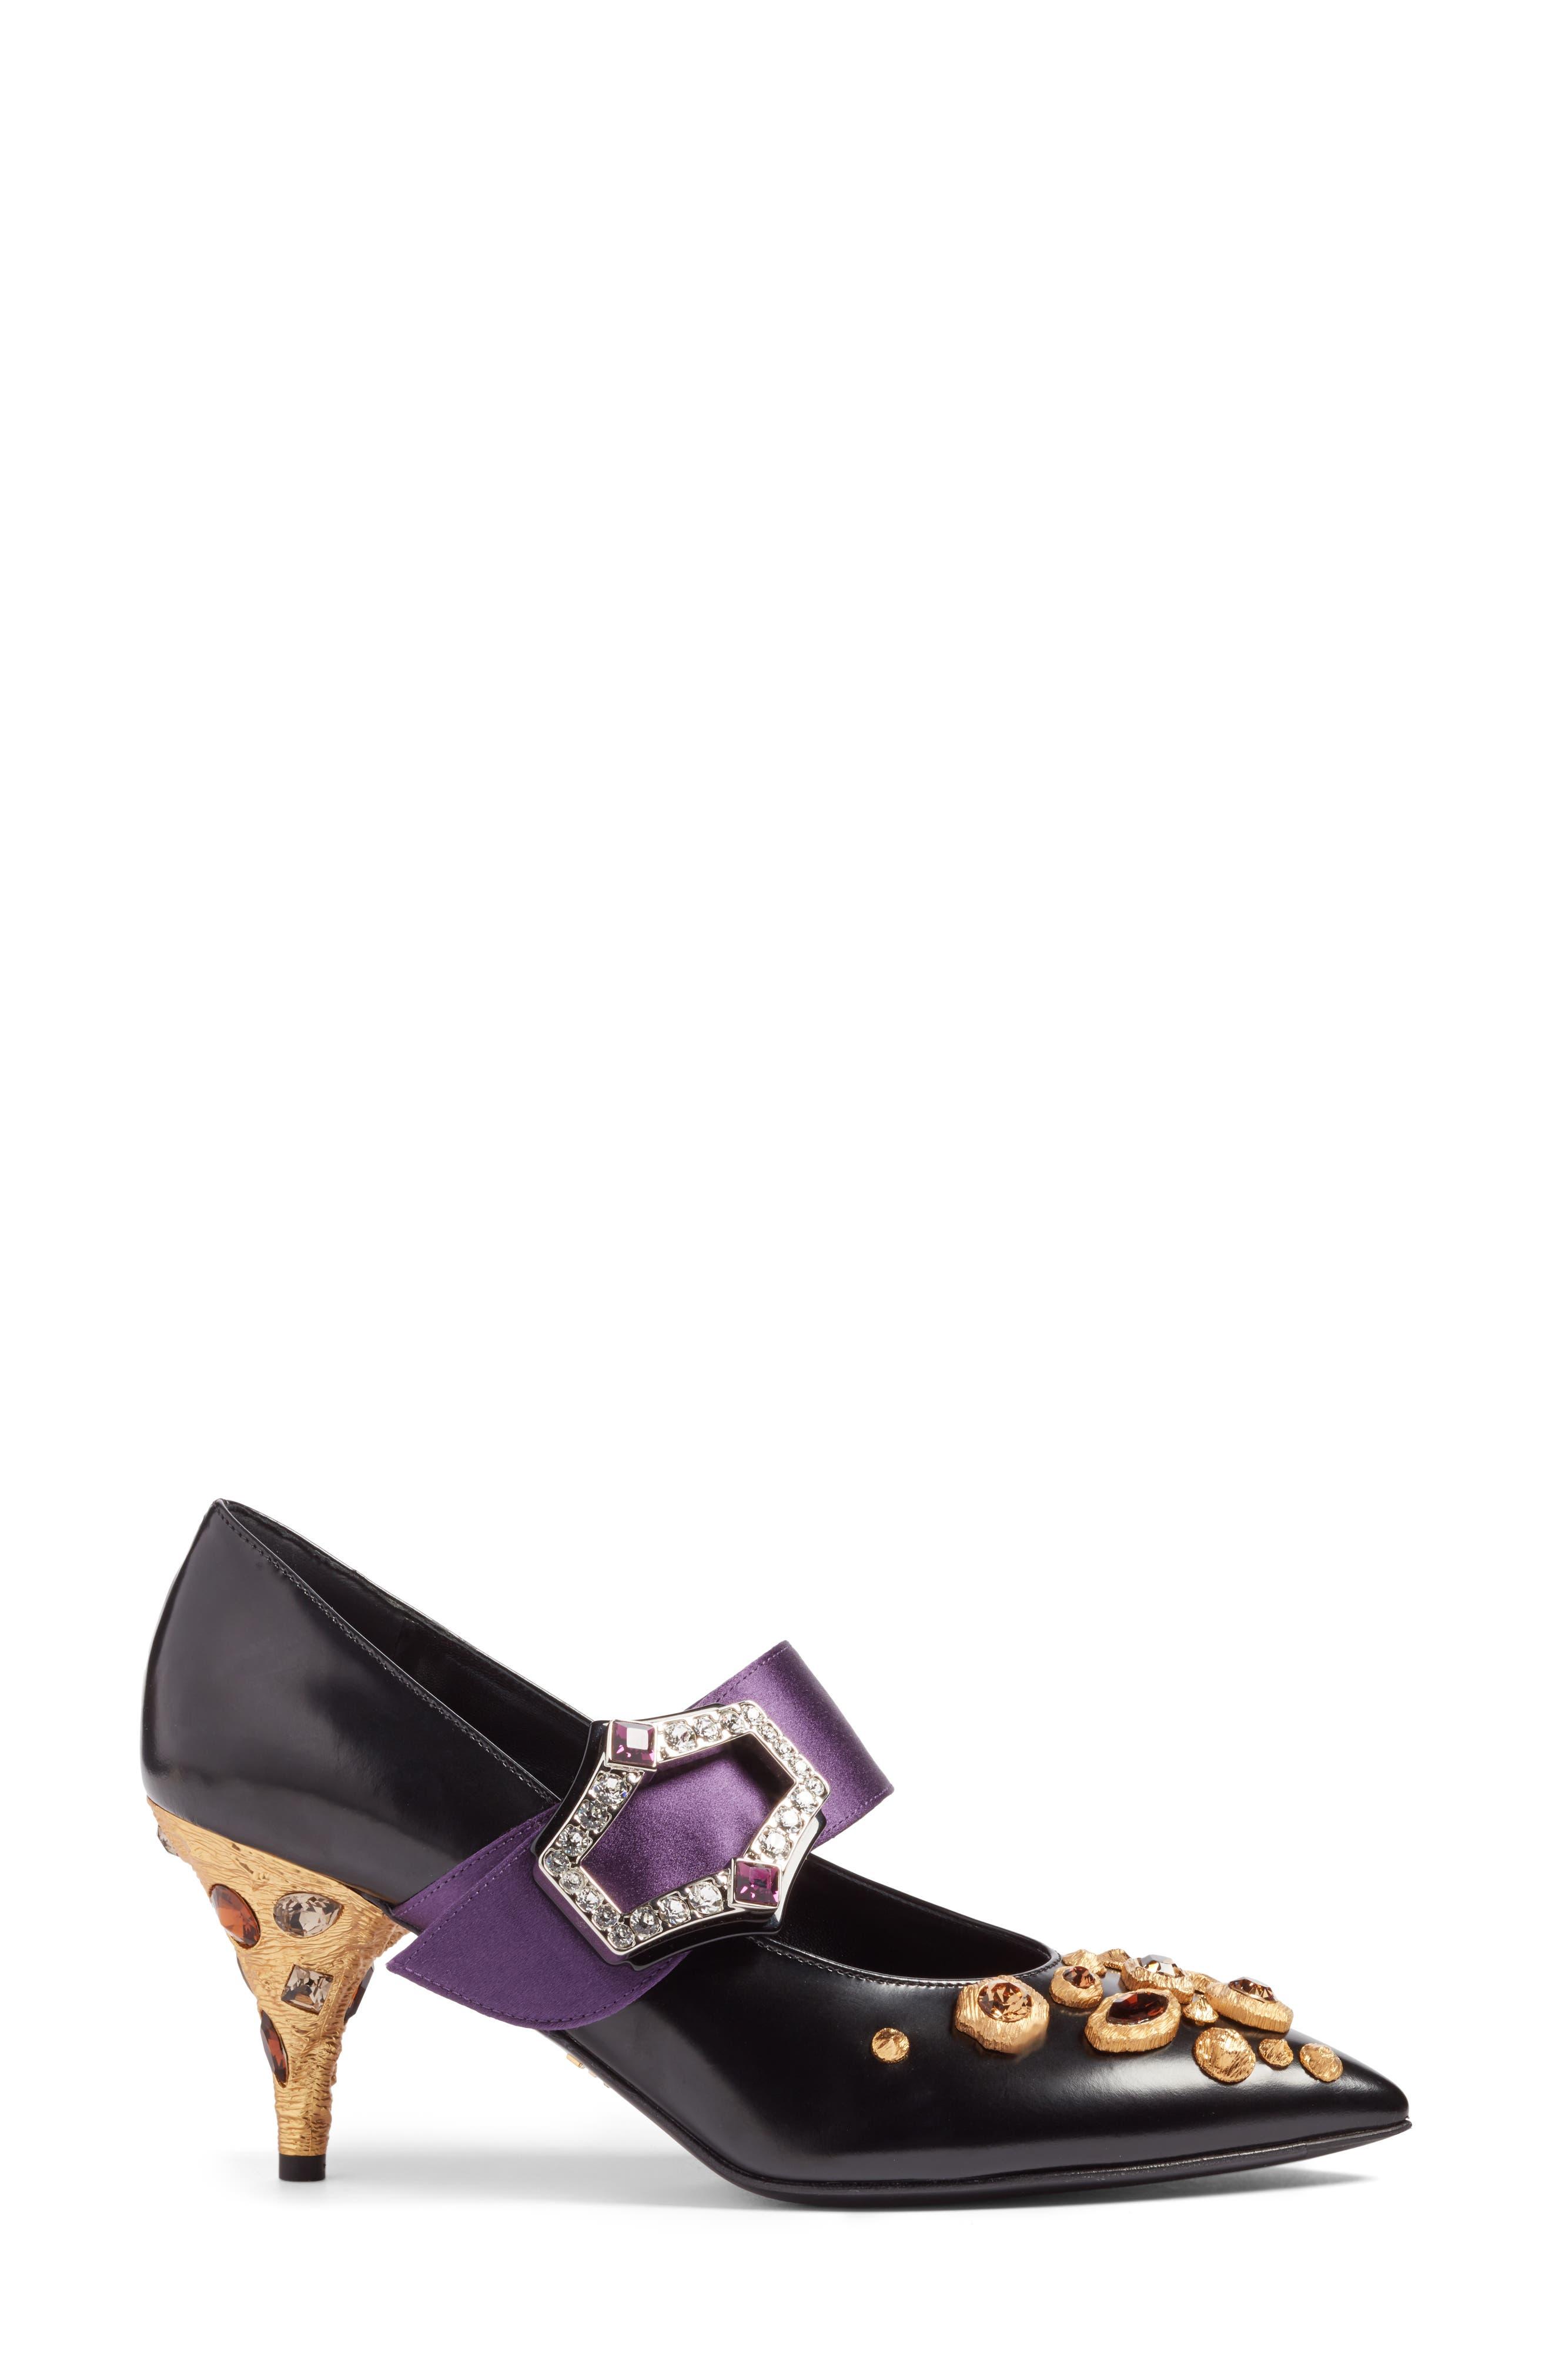 Jeweled Mary Jane Pump,                             Alternate thumbnail 3, color,                             Black/ Purple